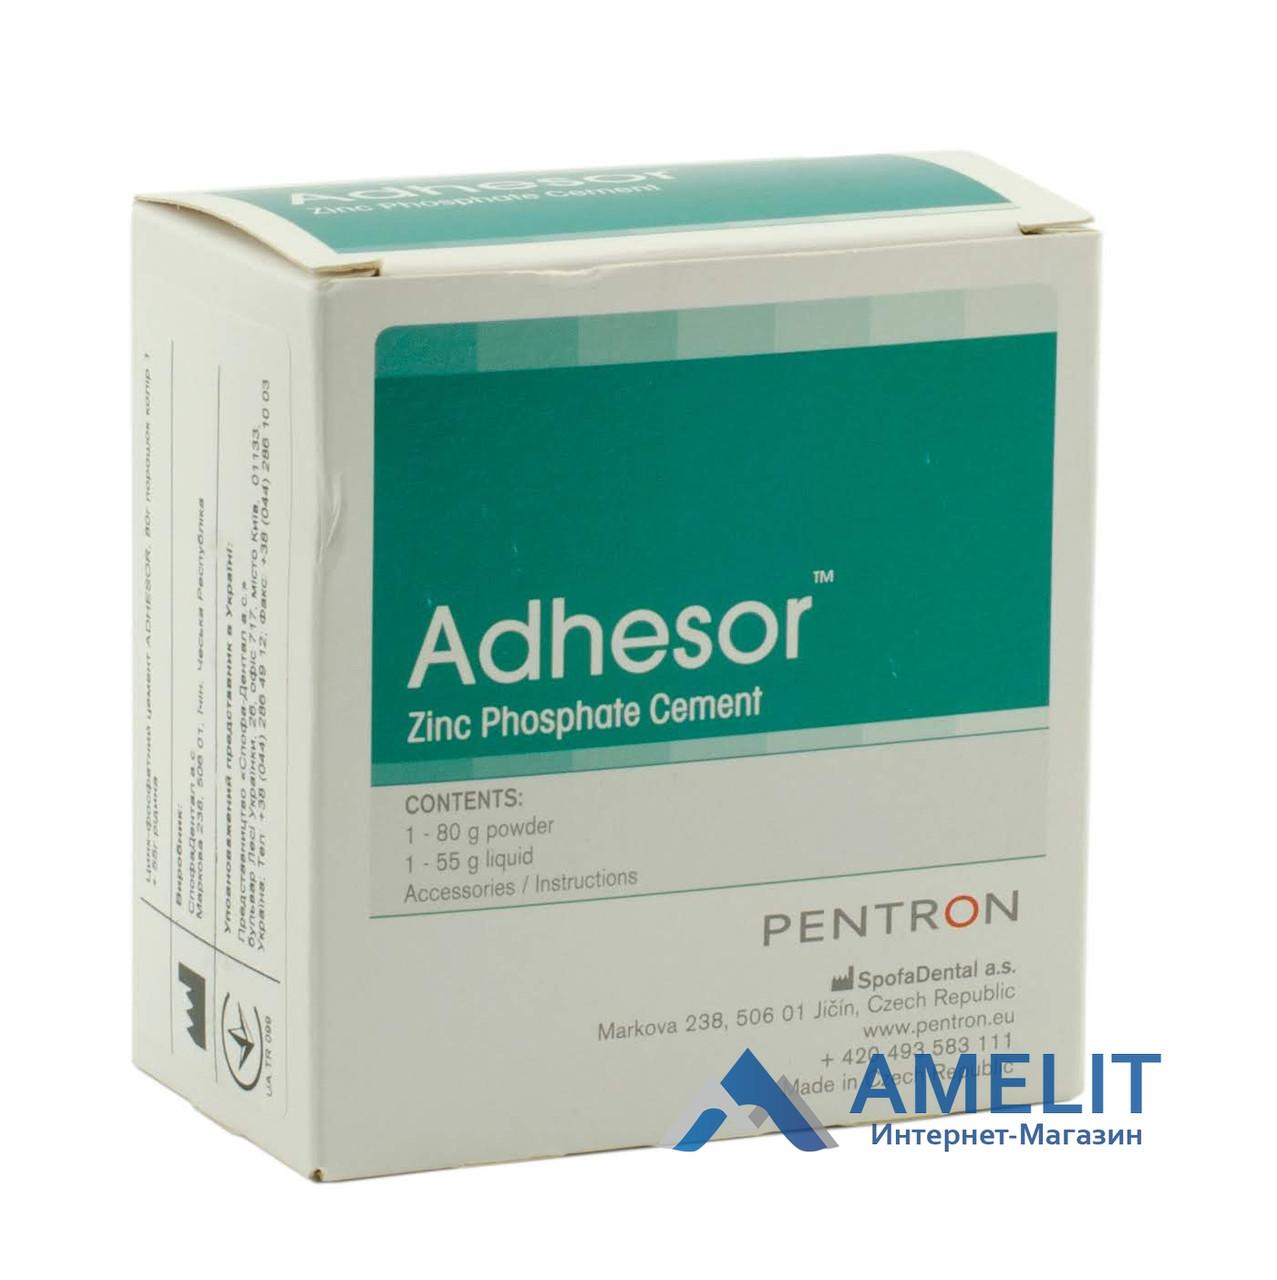 Адгезор (Adhesor Cement, Spofa Dental), набор 80г + 55мл